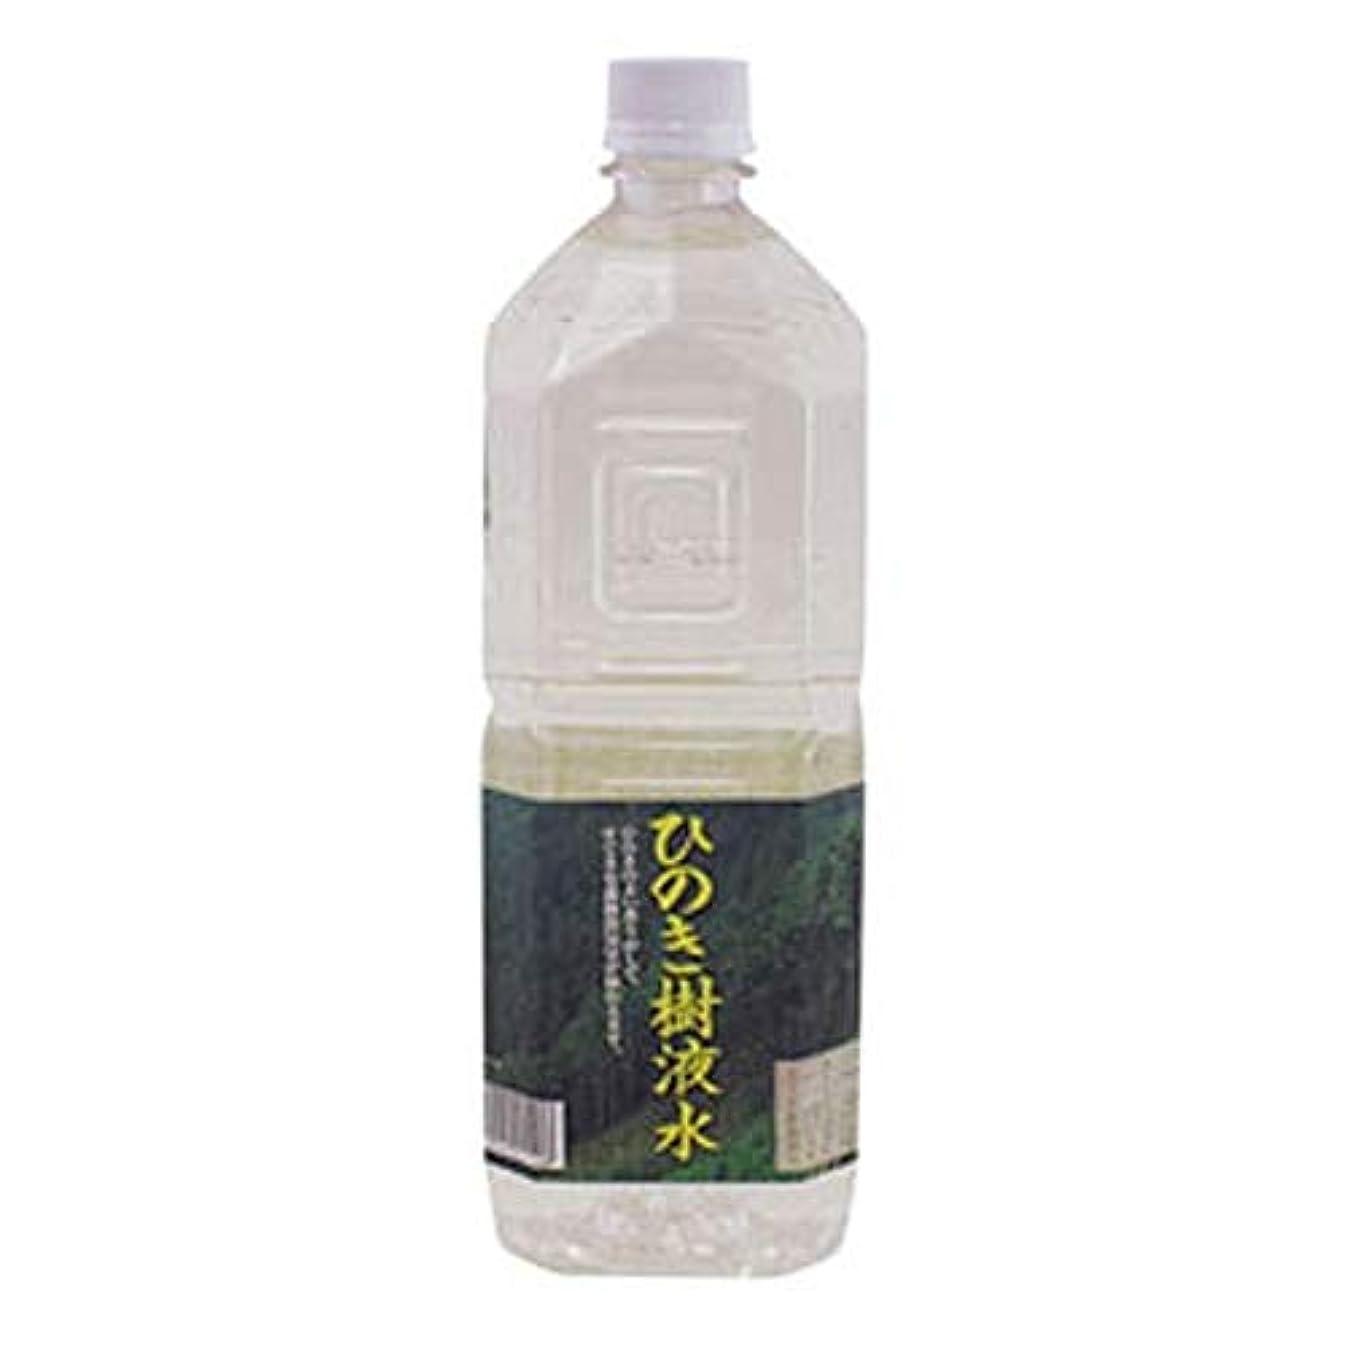 【ひのきの良い香りで森林浴気分】 喜多製作所 ひのき樹液水 詰替え用(1L) 5個セット + 金運 招き猫シール1枚